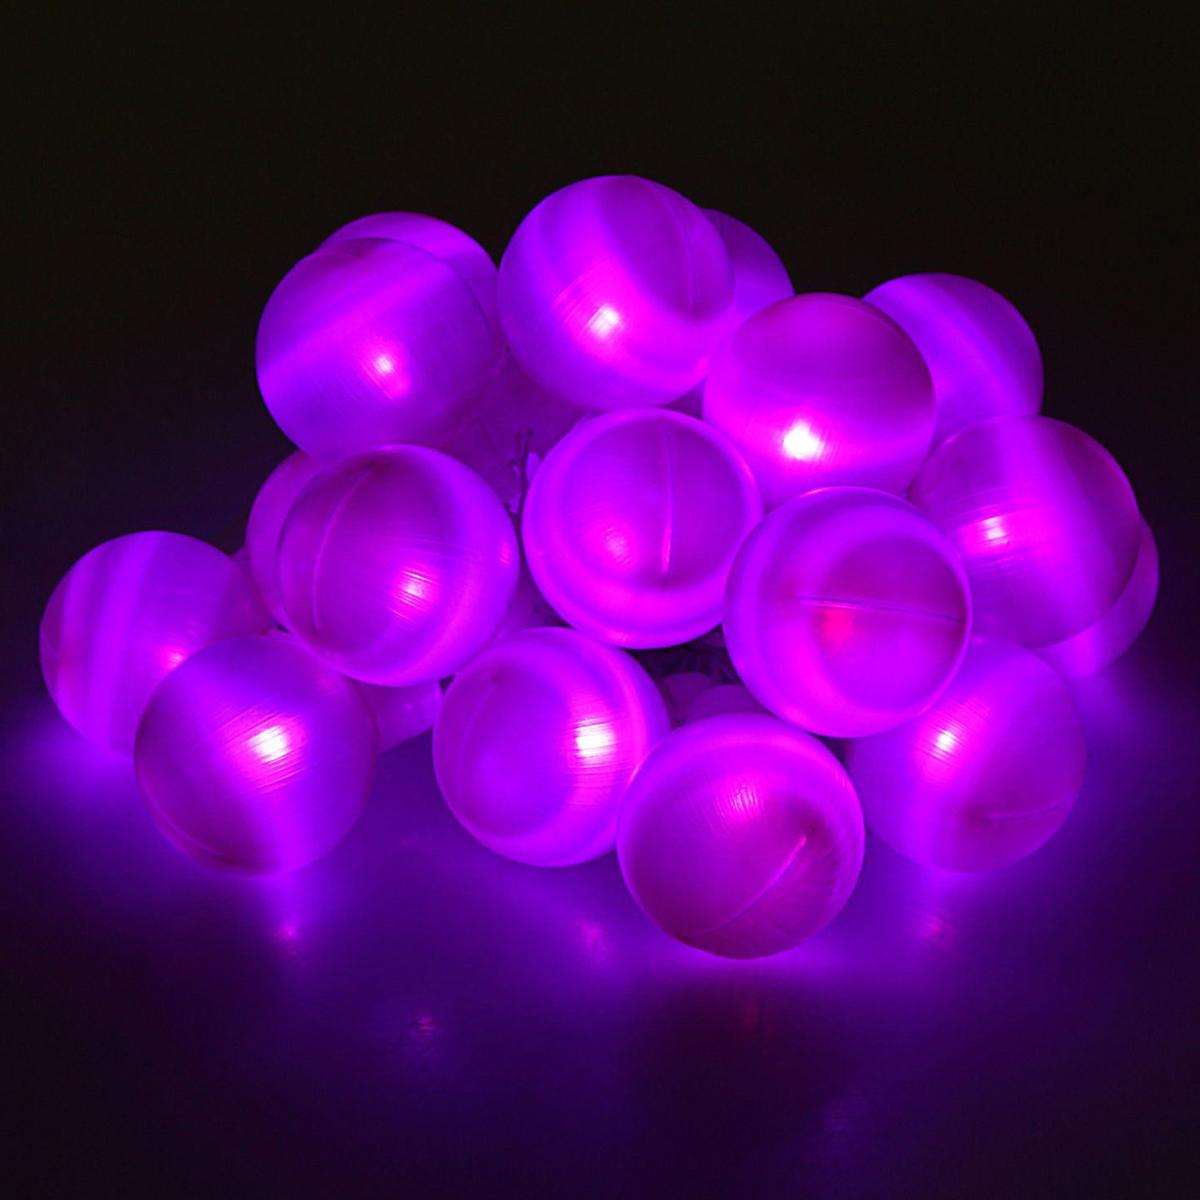 Гирлянда светодиодная Luazon Метраж. Большие шарики, с насадкой, фиксинг, 20 ламп, 220 V, 6 м, цвет: фиолетовый. 186619186619Светодиодные гирлянды, ленты и т.д. — это отличный вариант для новогоднего оформления интерьера или фасада. С их помощью помещение любого размера можно превратить в праздничный зал, а внешние элементы зданий, украшенные ими, мгновенно станут напоминать очертания сказочного дворца. Такие украшения создают ауру предвкушения чуда. Деревья, фасады, витрины, окна и арки будто специально созданы, чтобы вы украсили их светящимися нитями.